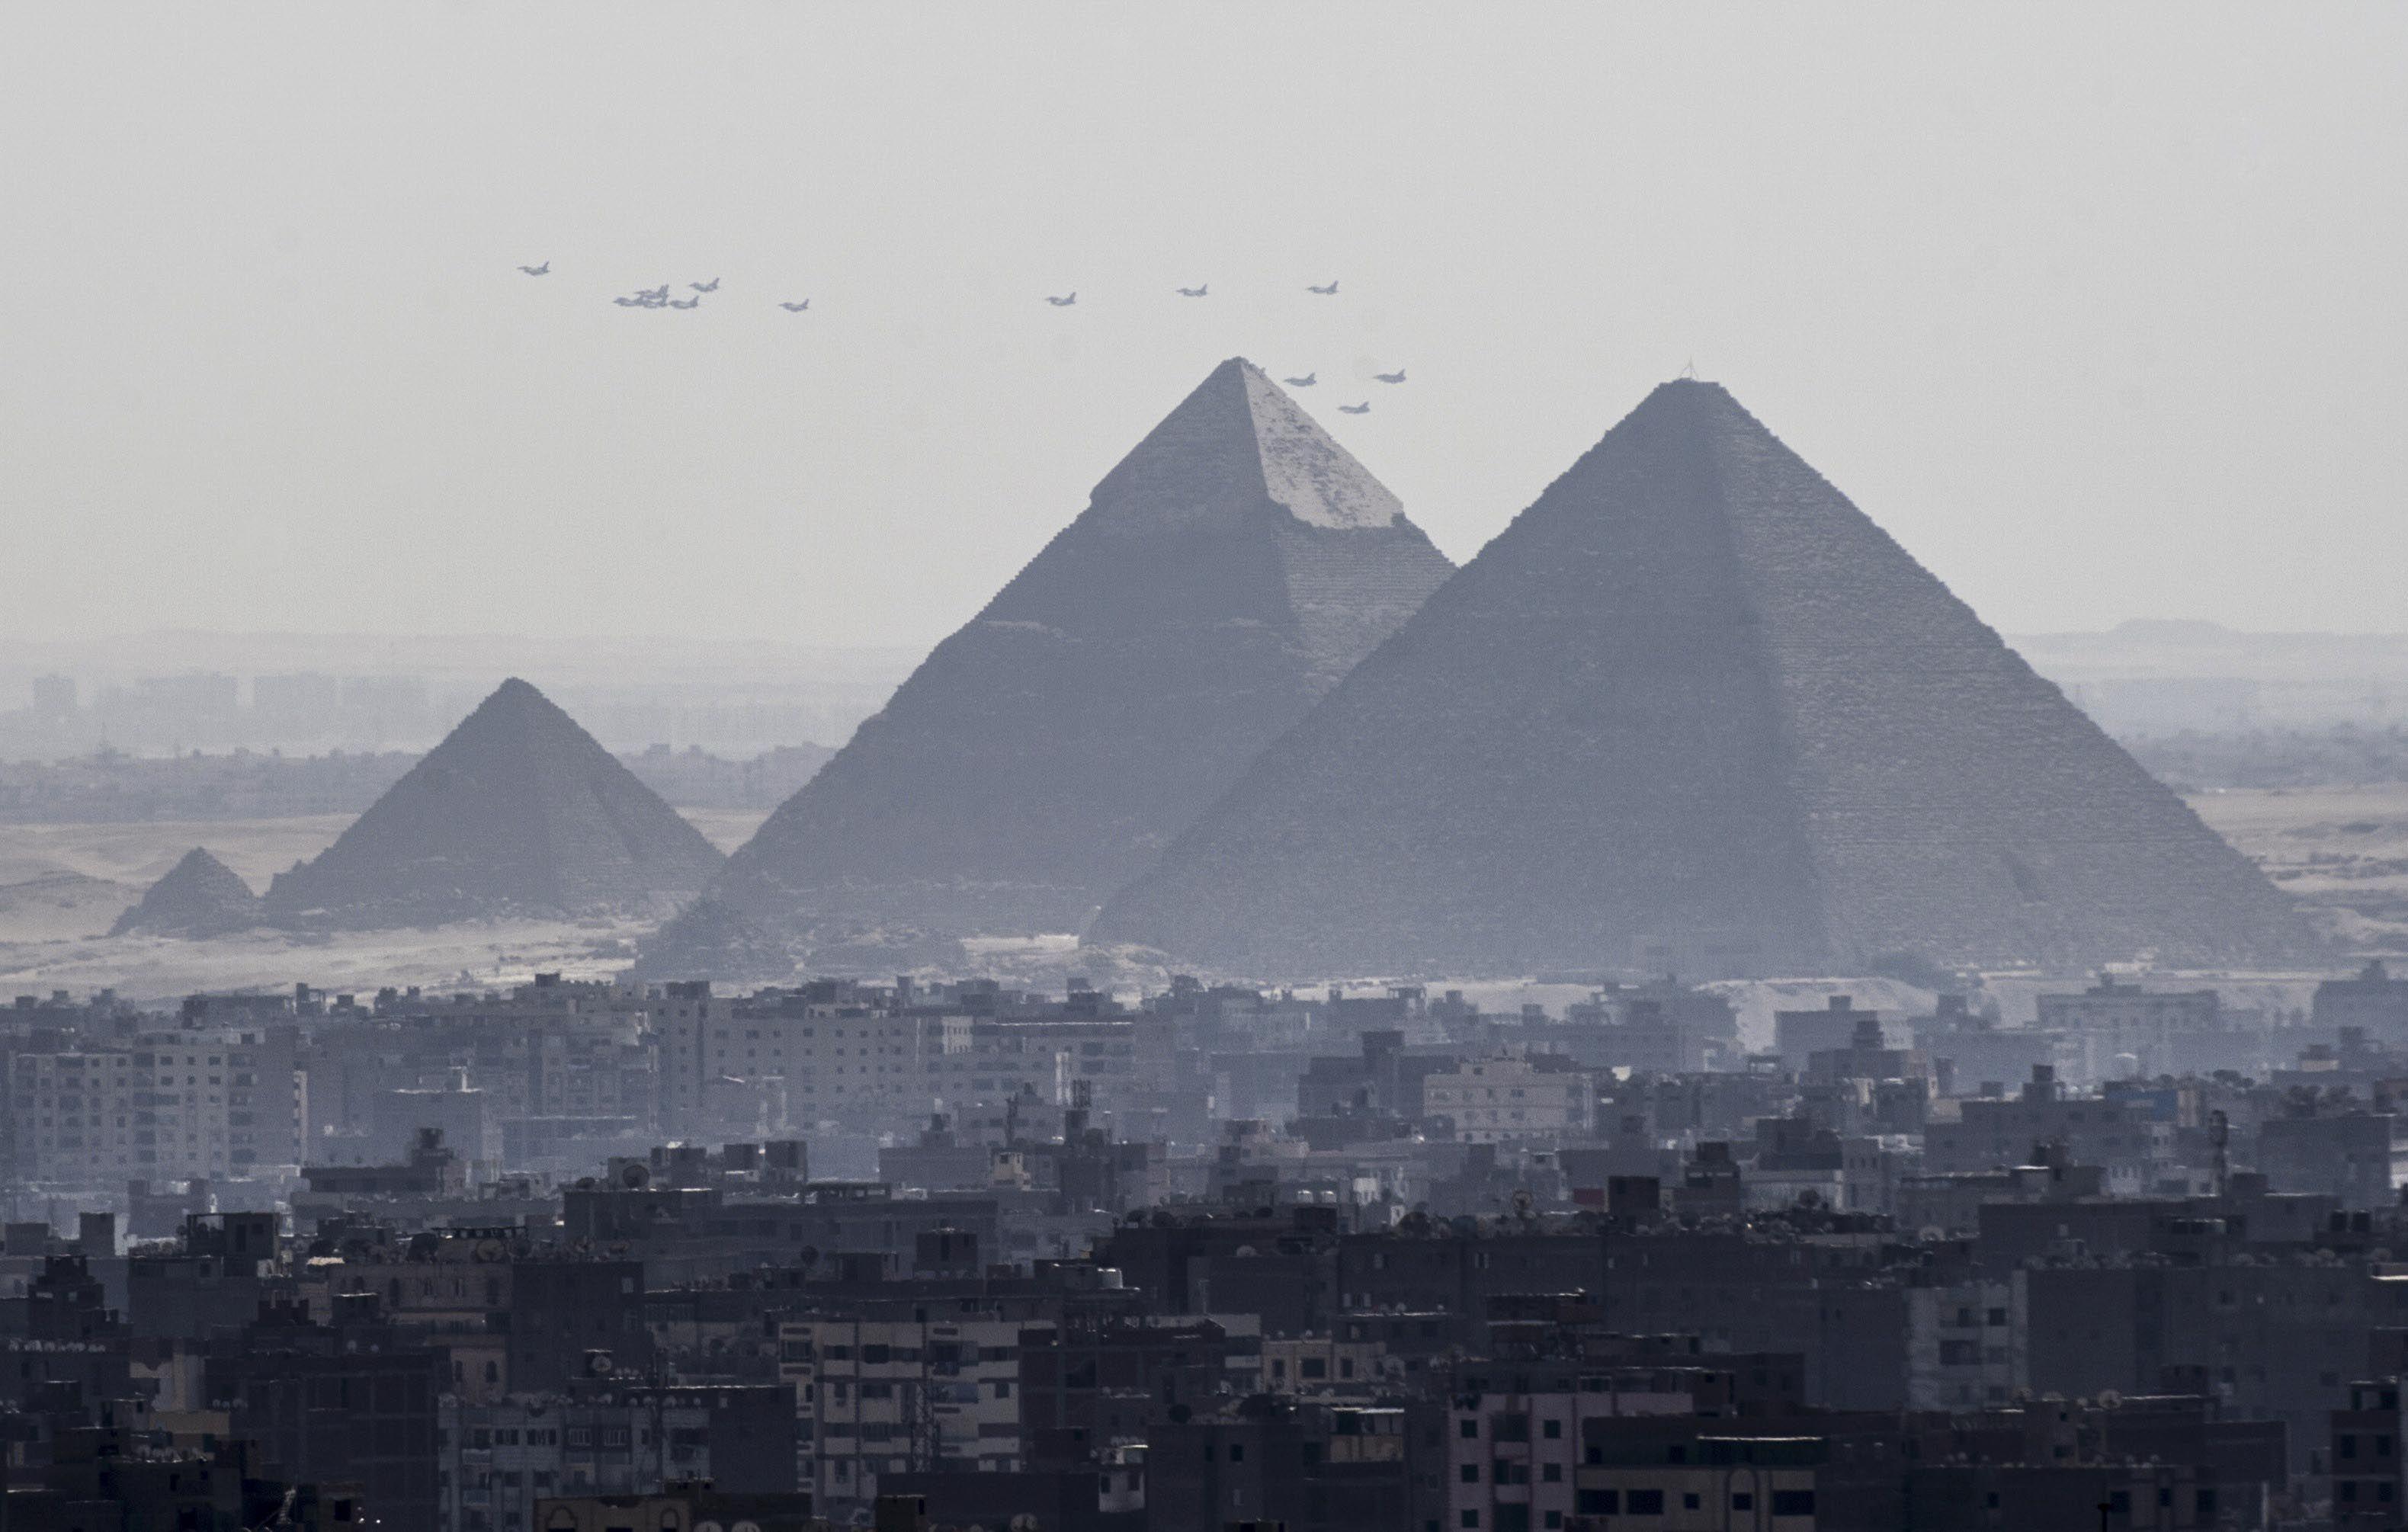 egipto atentado cerca de las pirámides deja cuatro muertos y 12